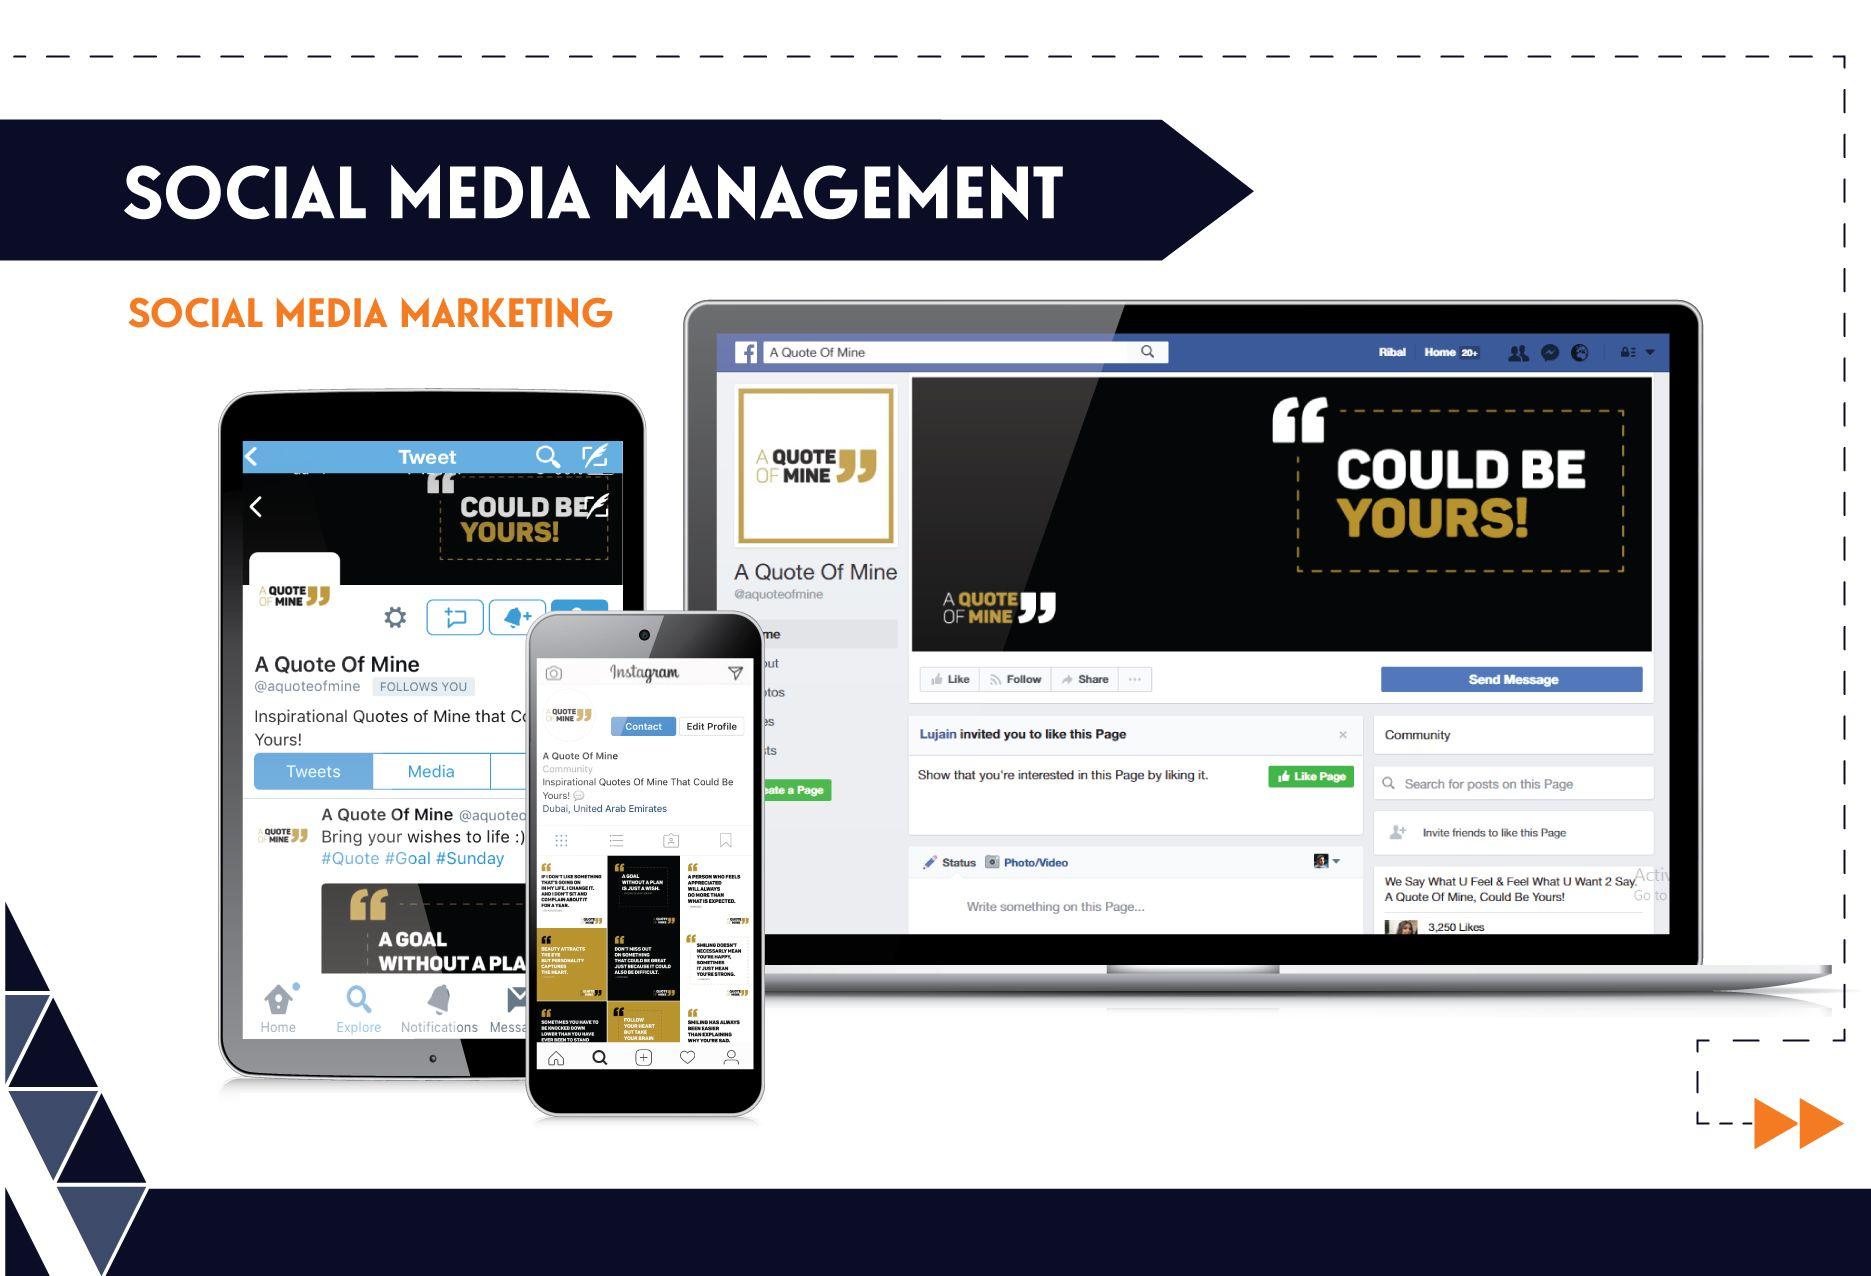 Social Media Management - AQM